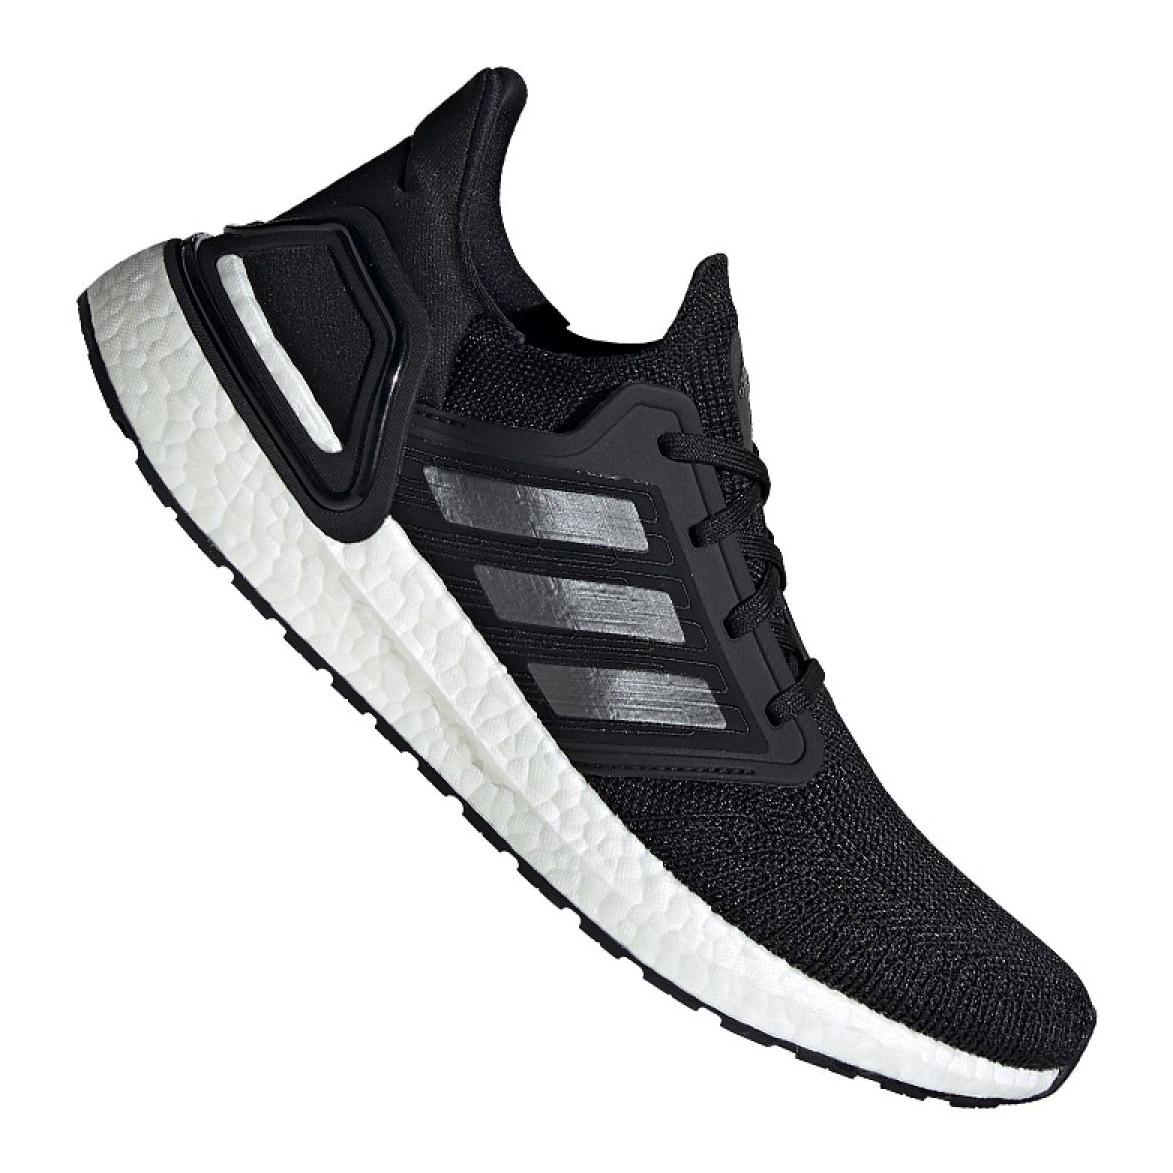 Sapatos Adidas UltraBoost 20 M EF1043 preto